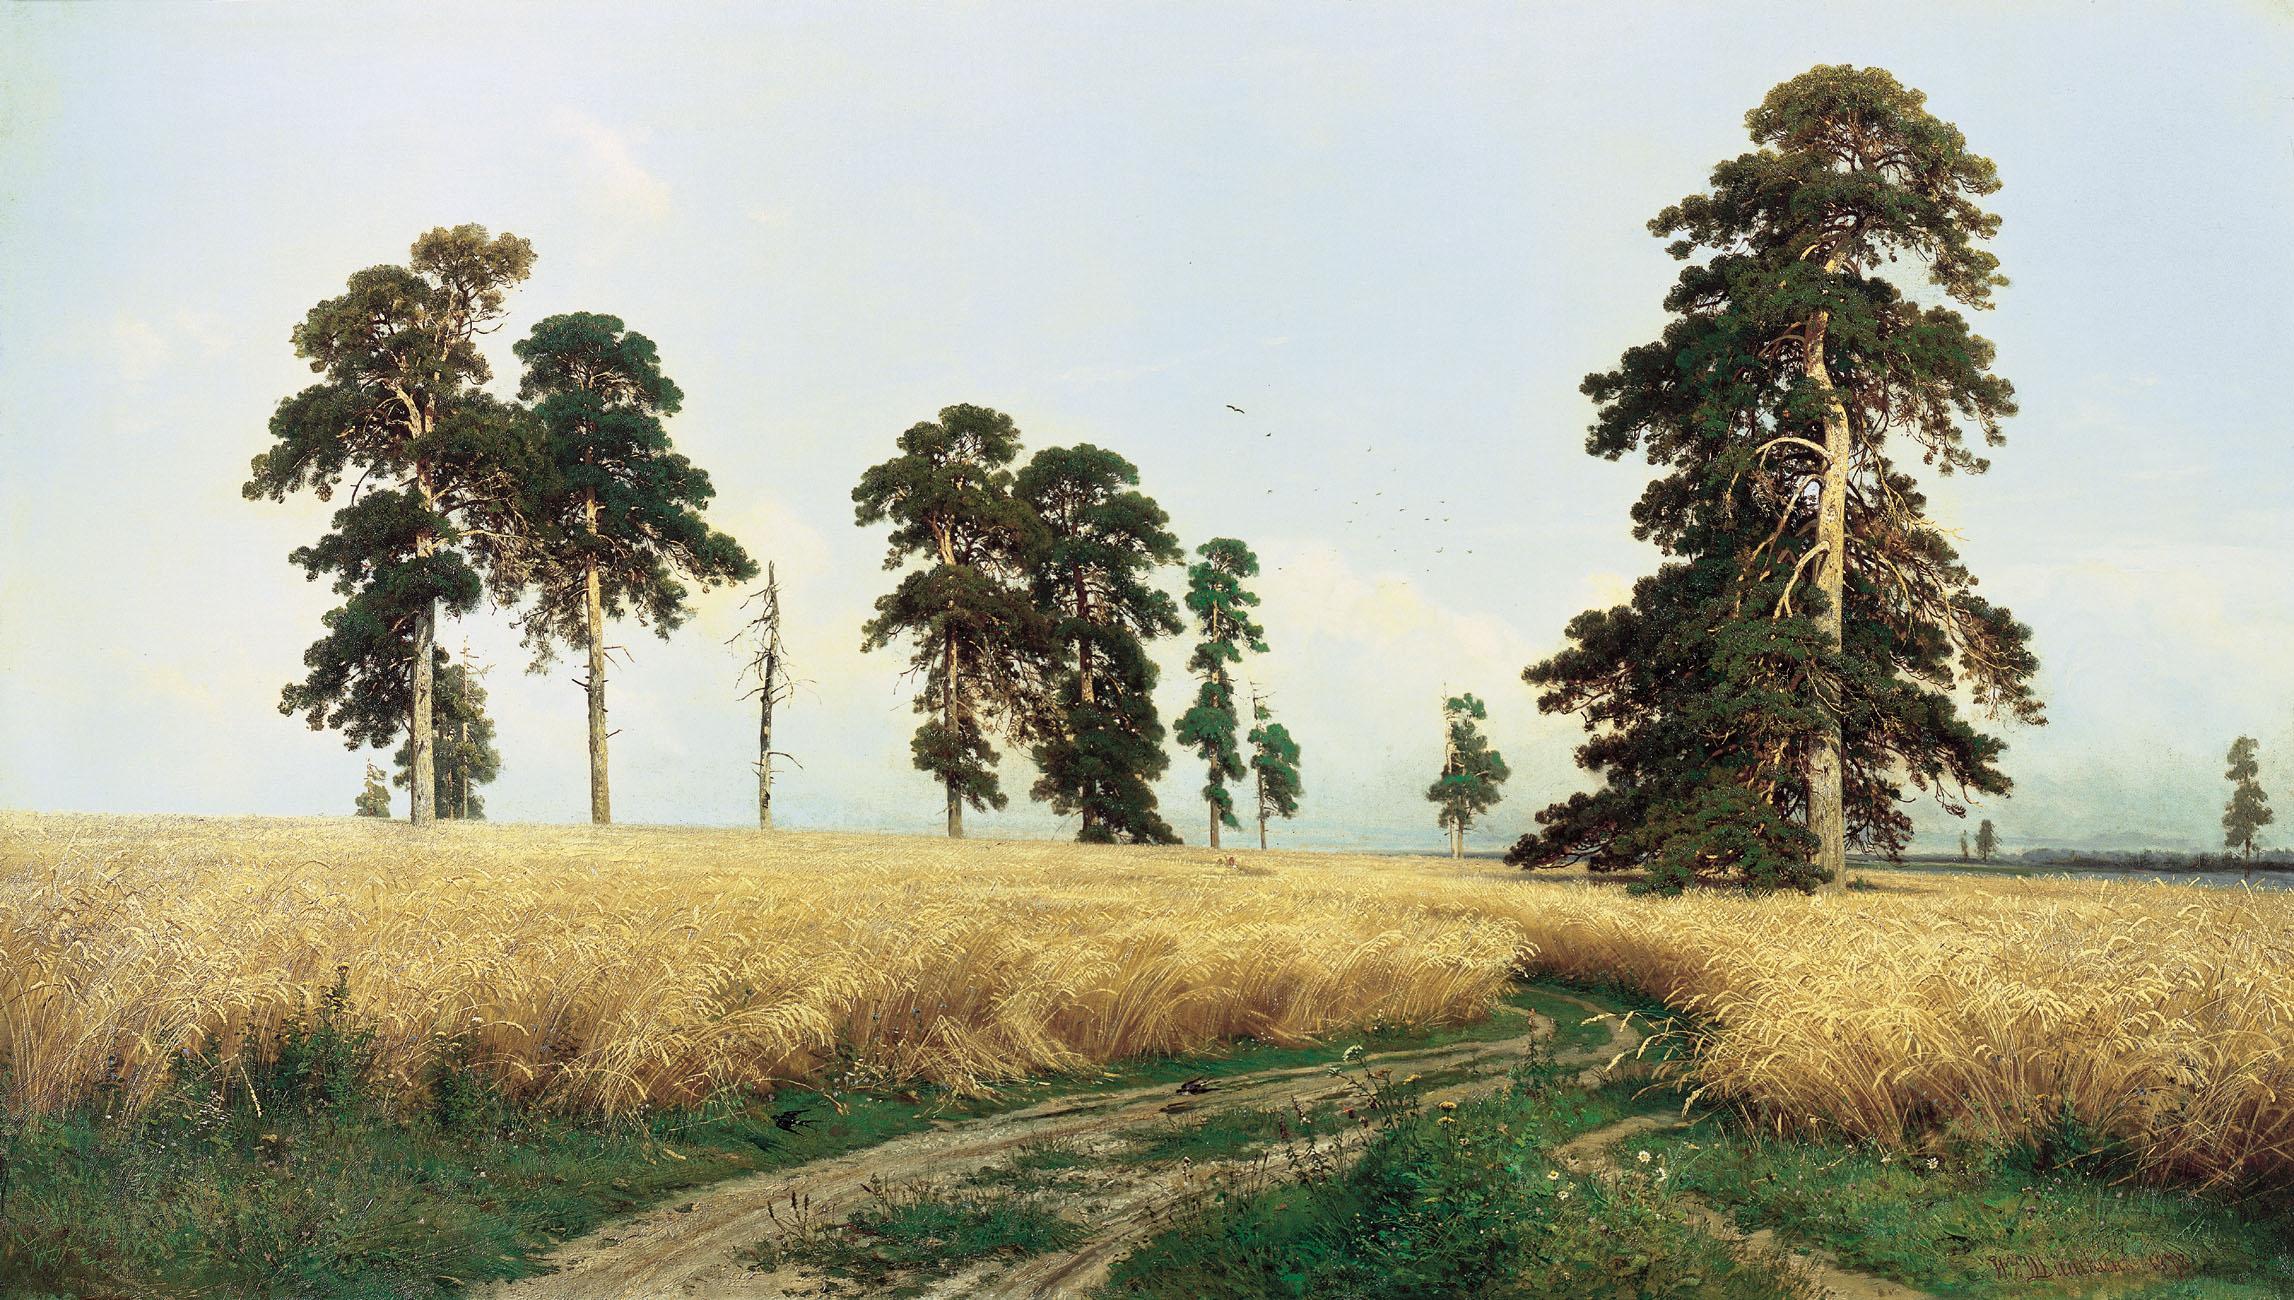 我喜欢的俄国著名风景画家希施金 知足之足 知足之足的博客